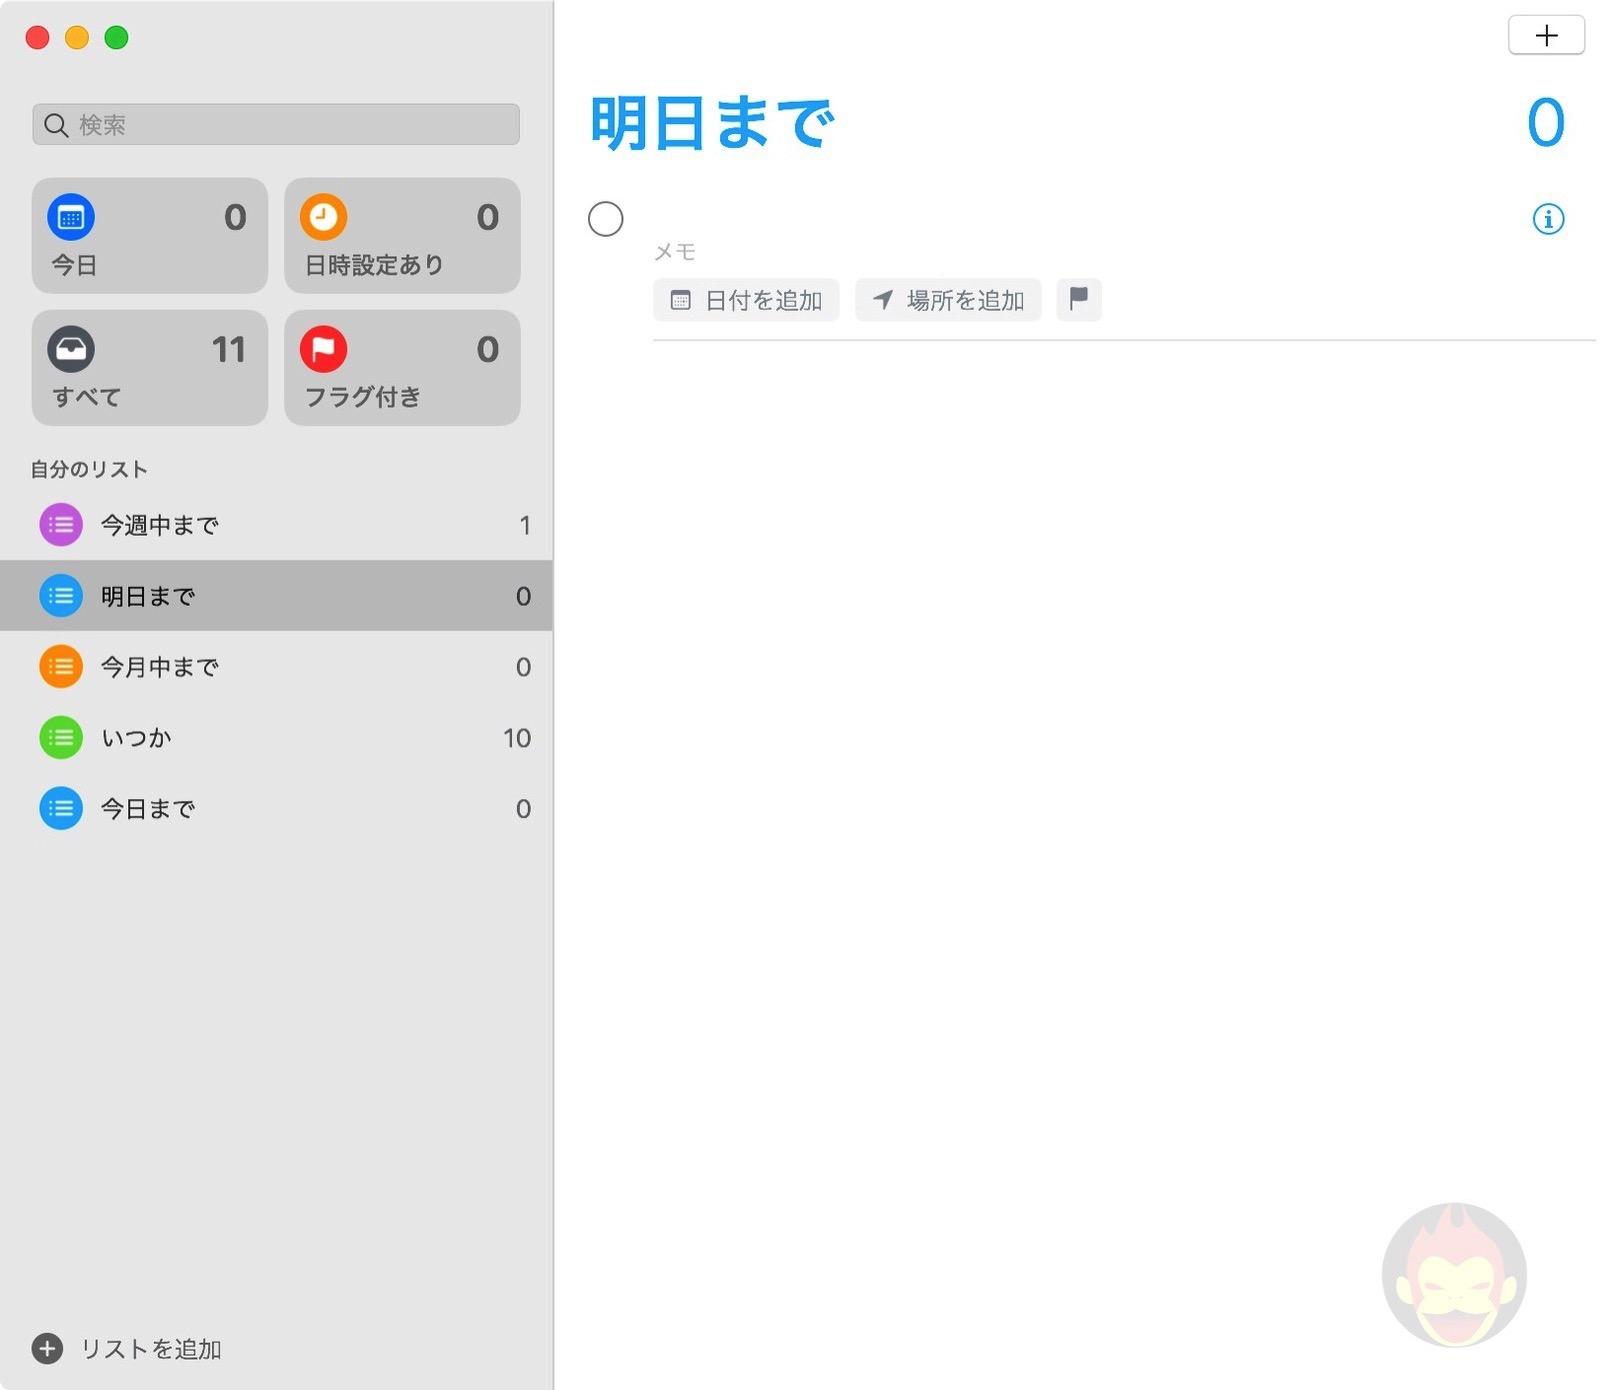 macOS-Catalina-10_15-new-updates-10.jpg